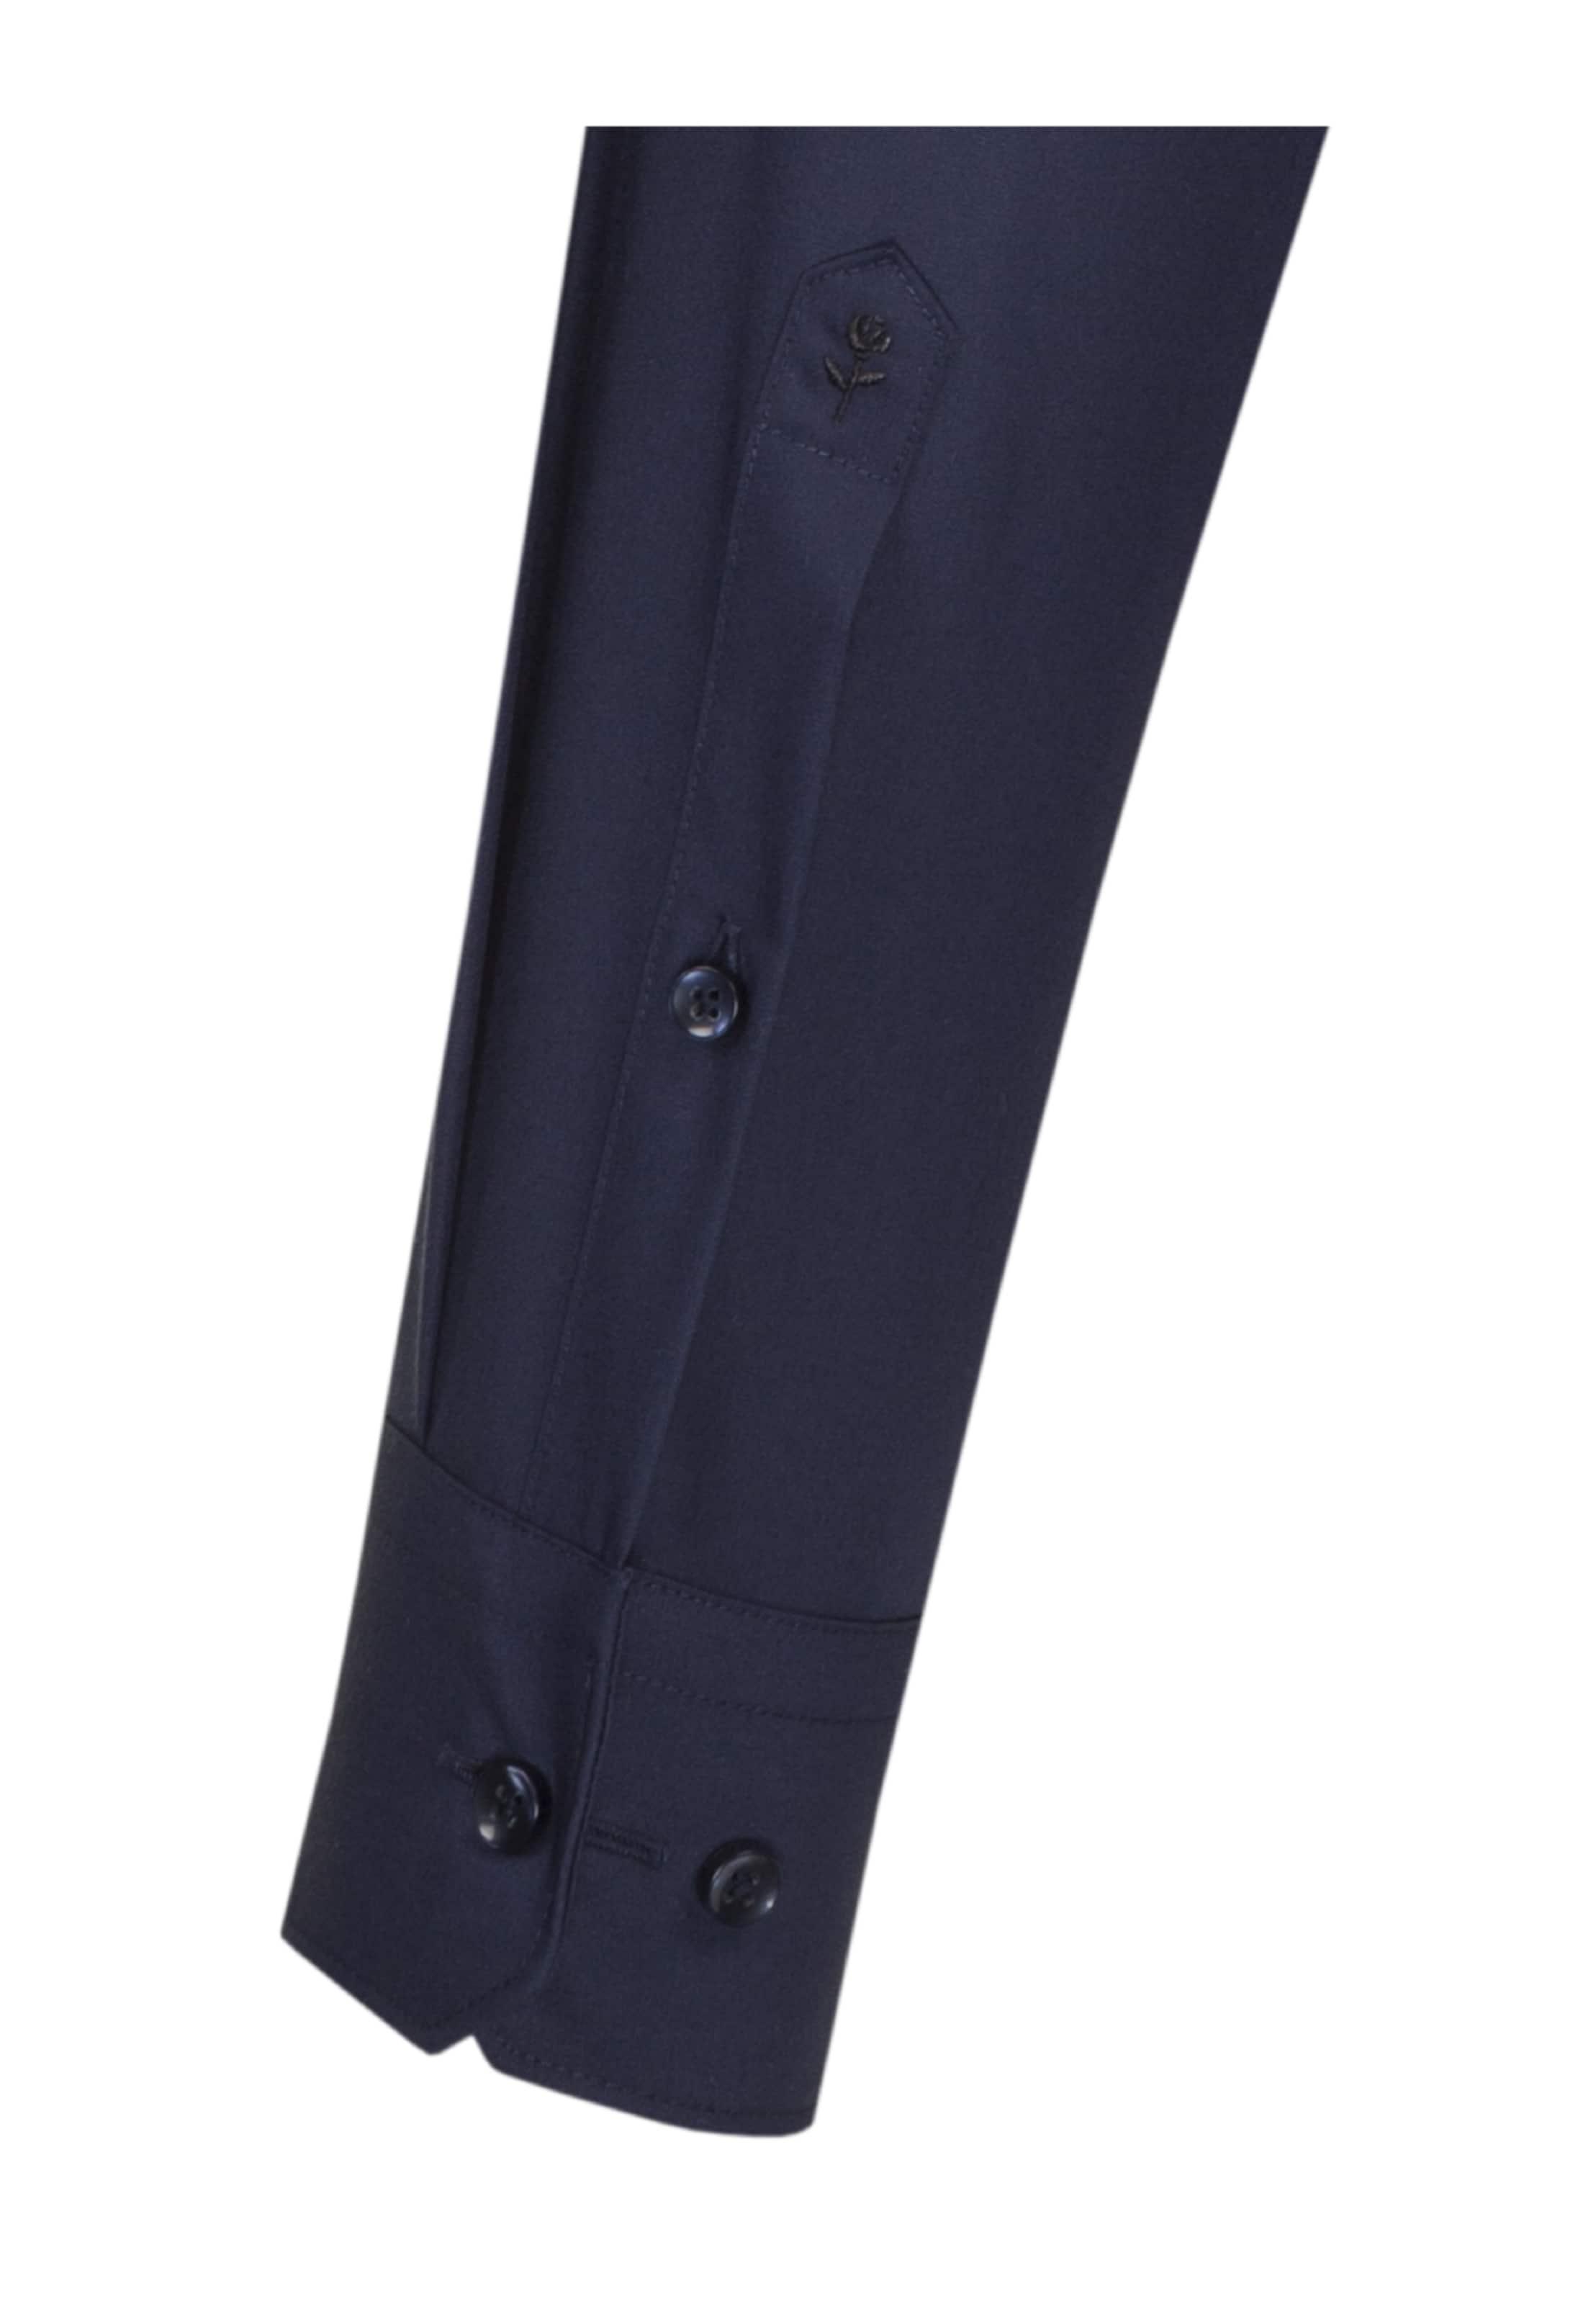 SEIDENSTICKER Business Hemd 'Tailored' Limitierter Auflage Zum Verkauf H4hACojHU